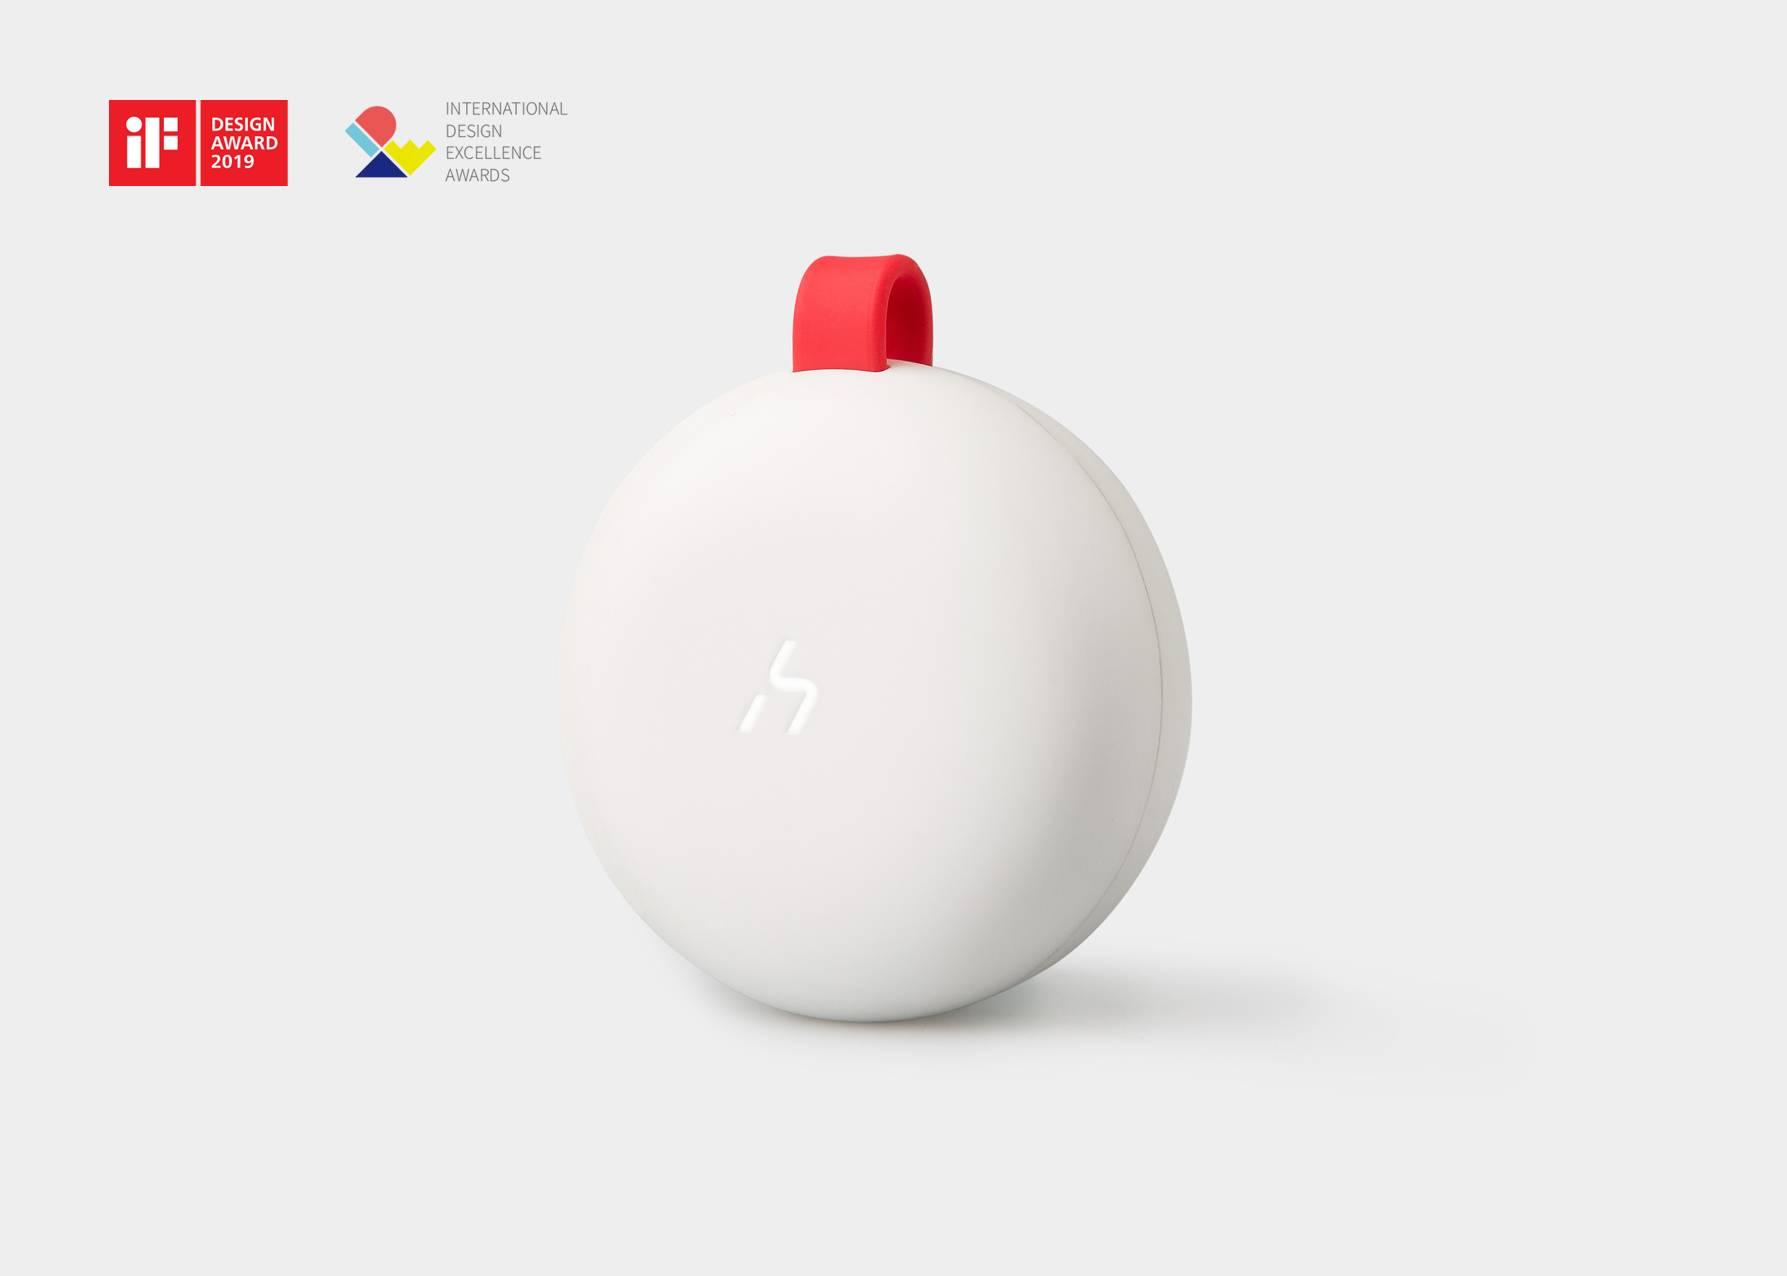 为HAKII设计全新轻运动耳机Fit,引领运动耳机时尚潮流